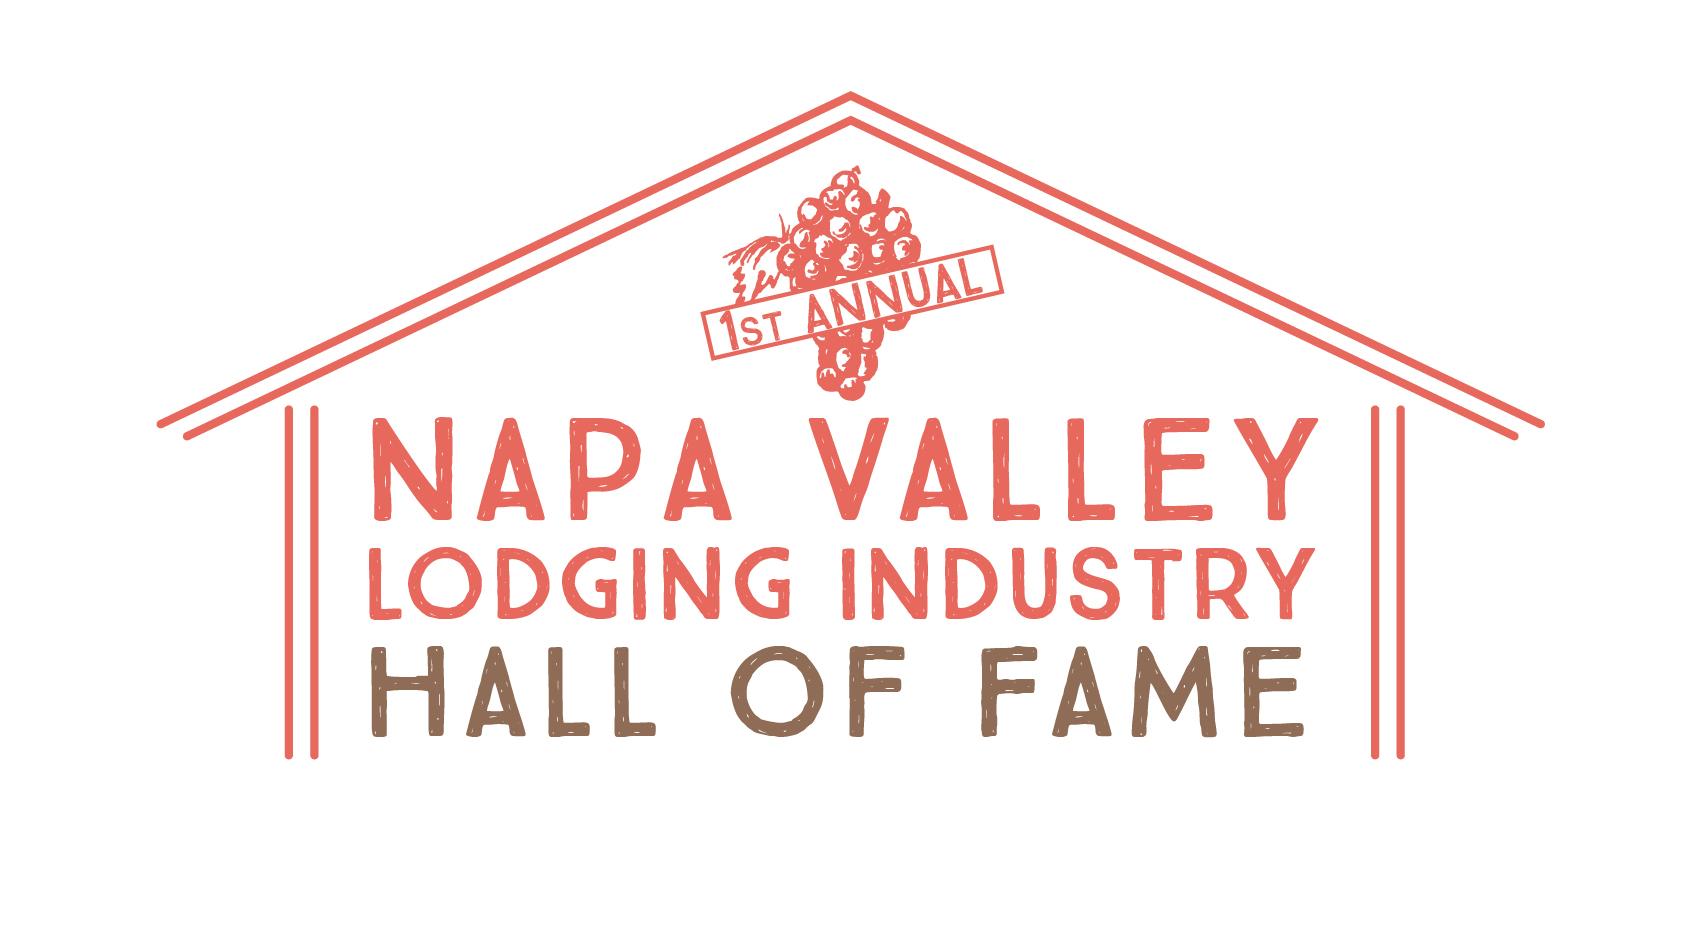 N.V. Lodging Industry Hall of Fame logo